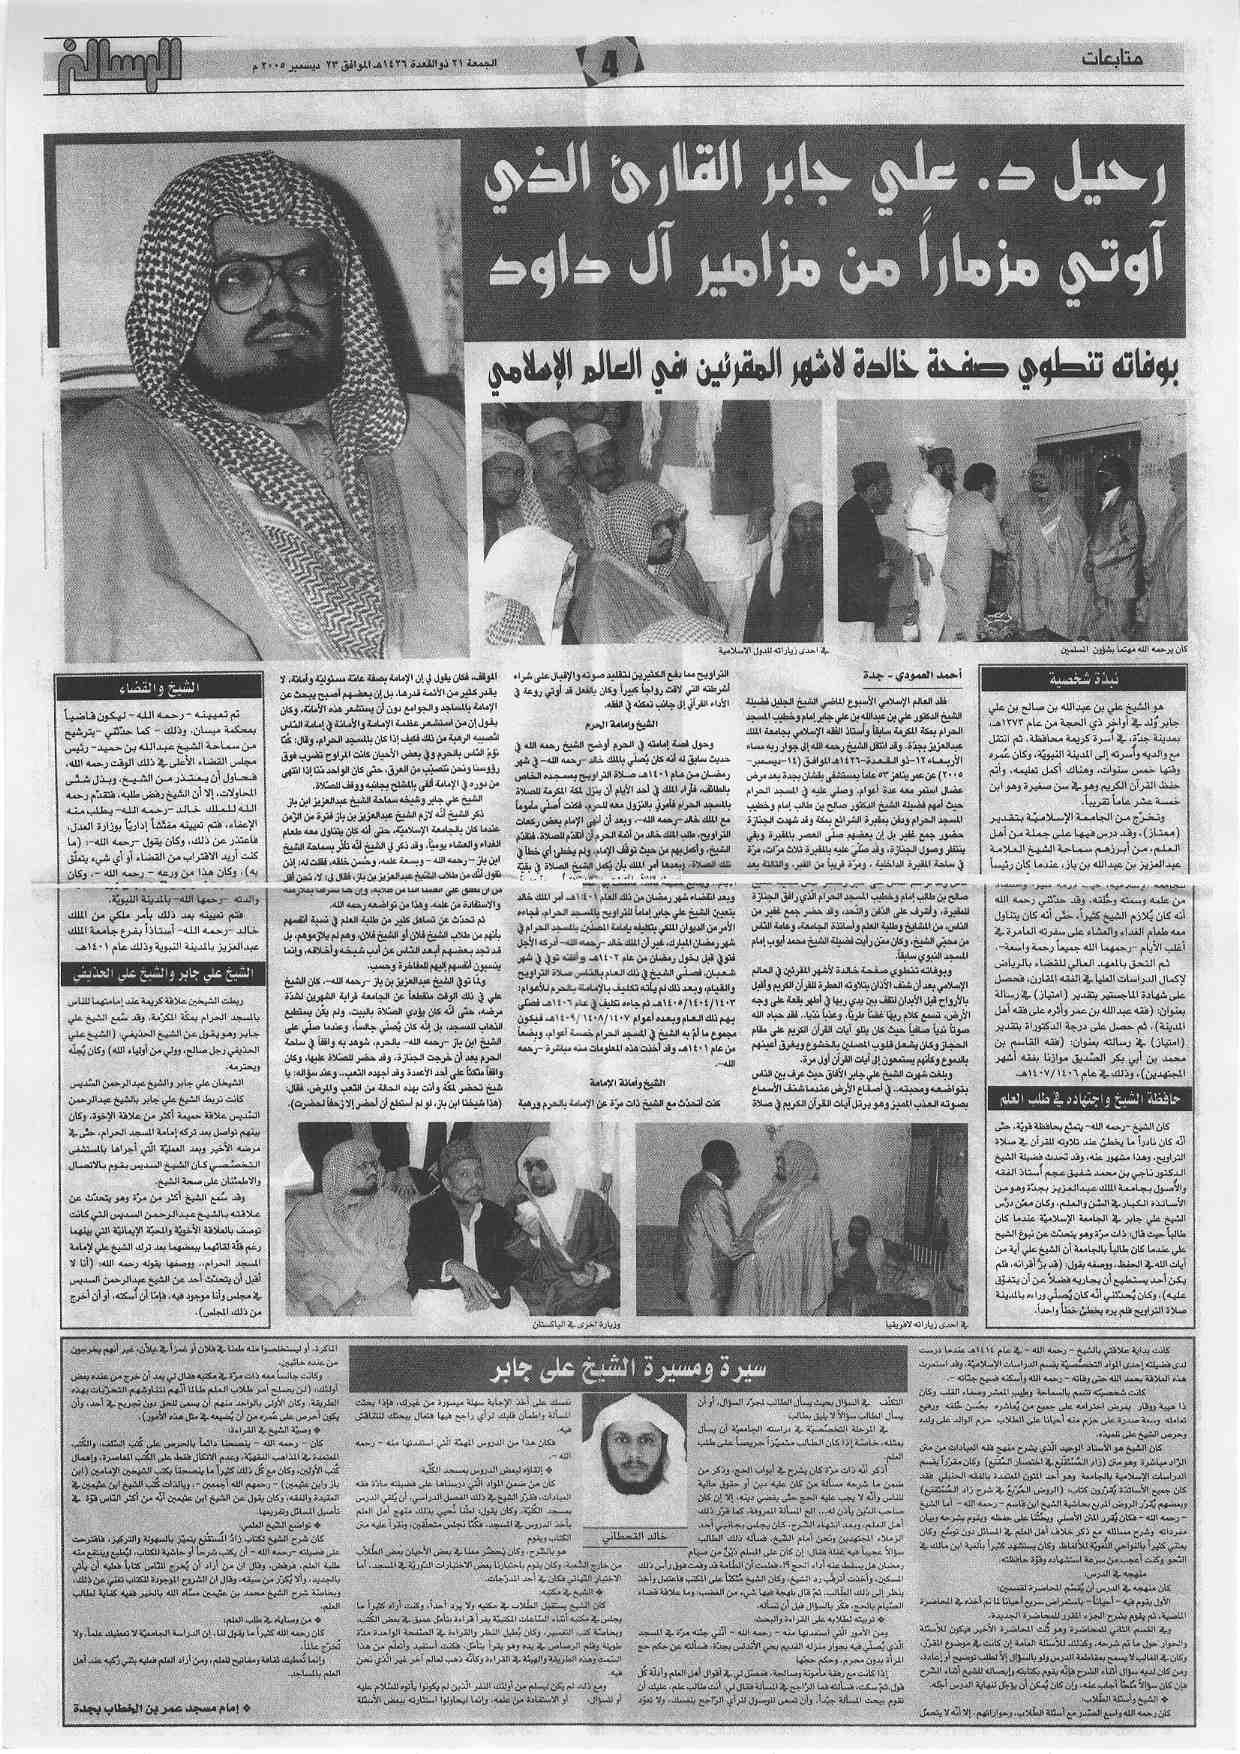 رحيل الشيخ علي جابر 6